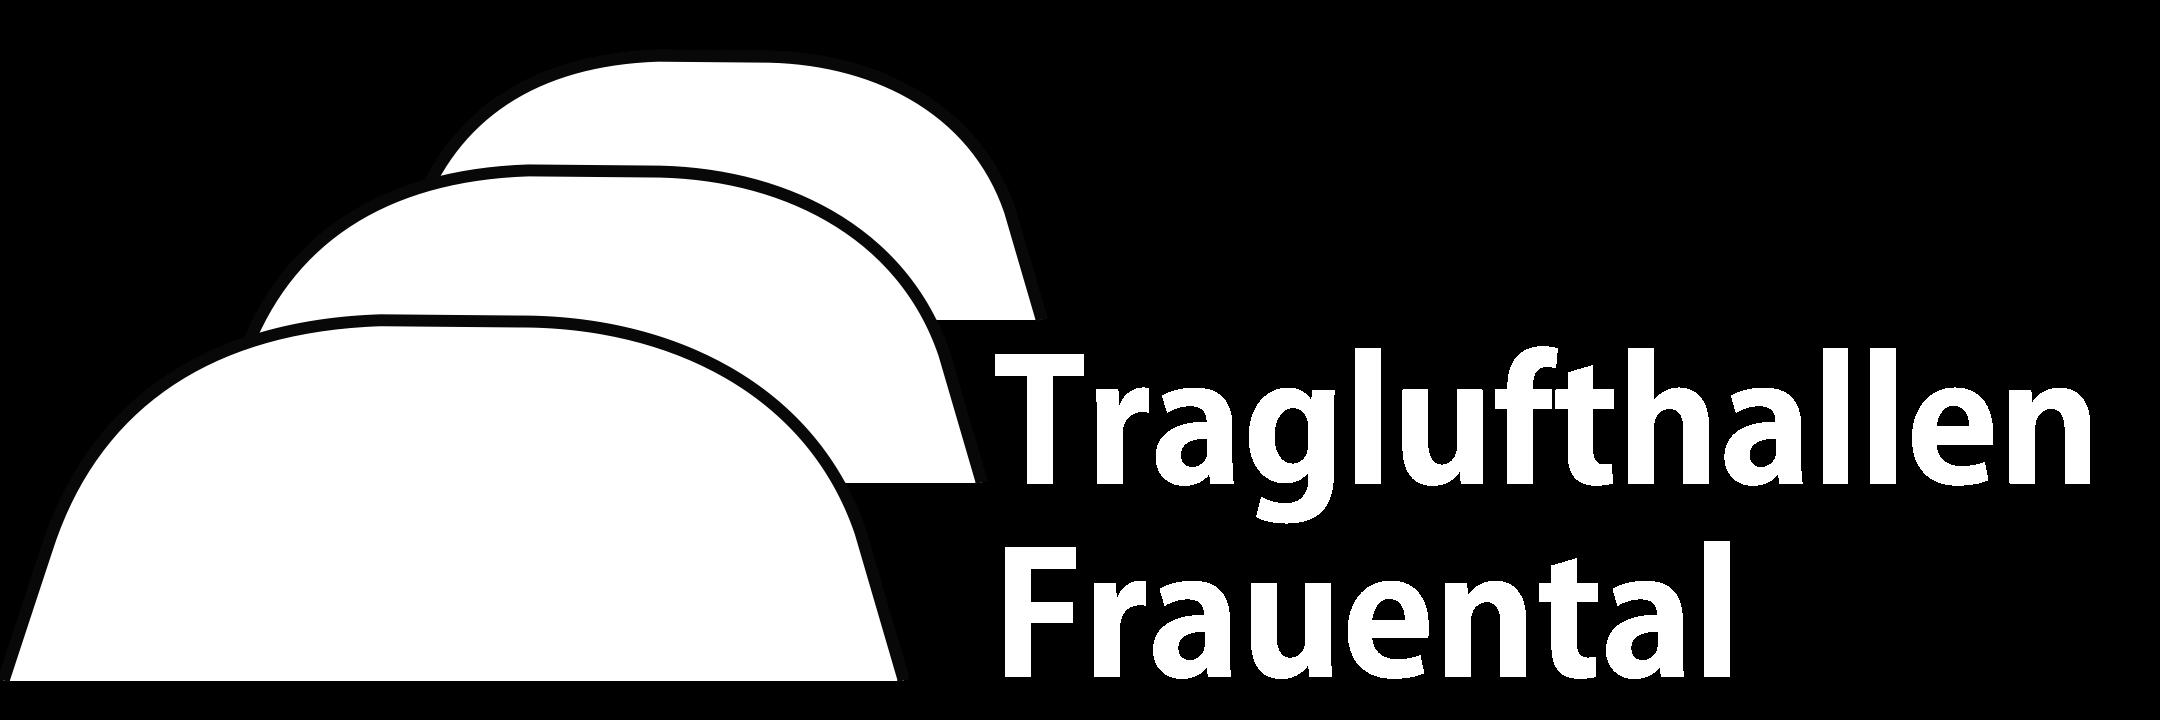 Verein Traglufthallen Frauental